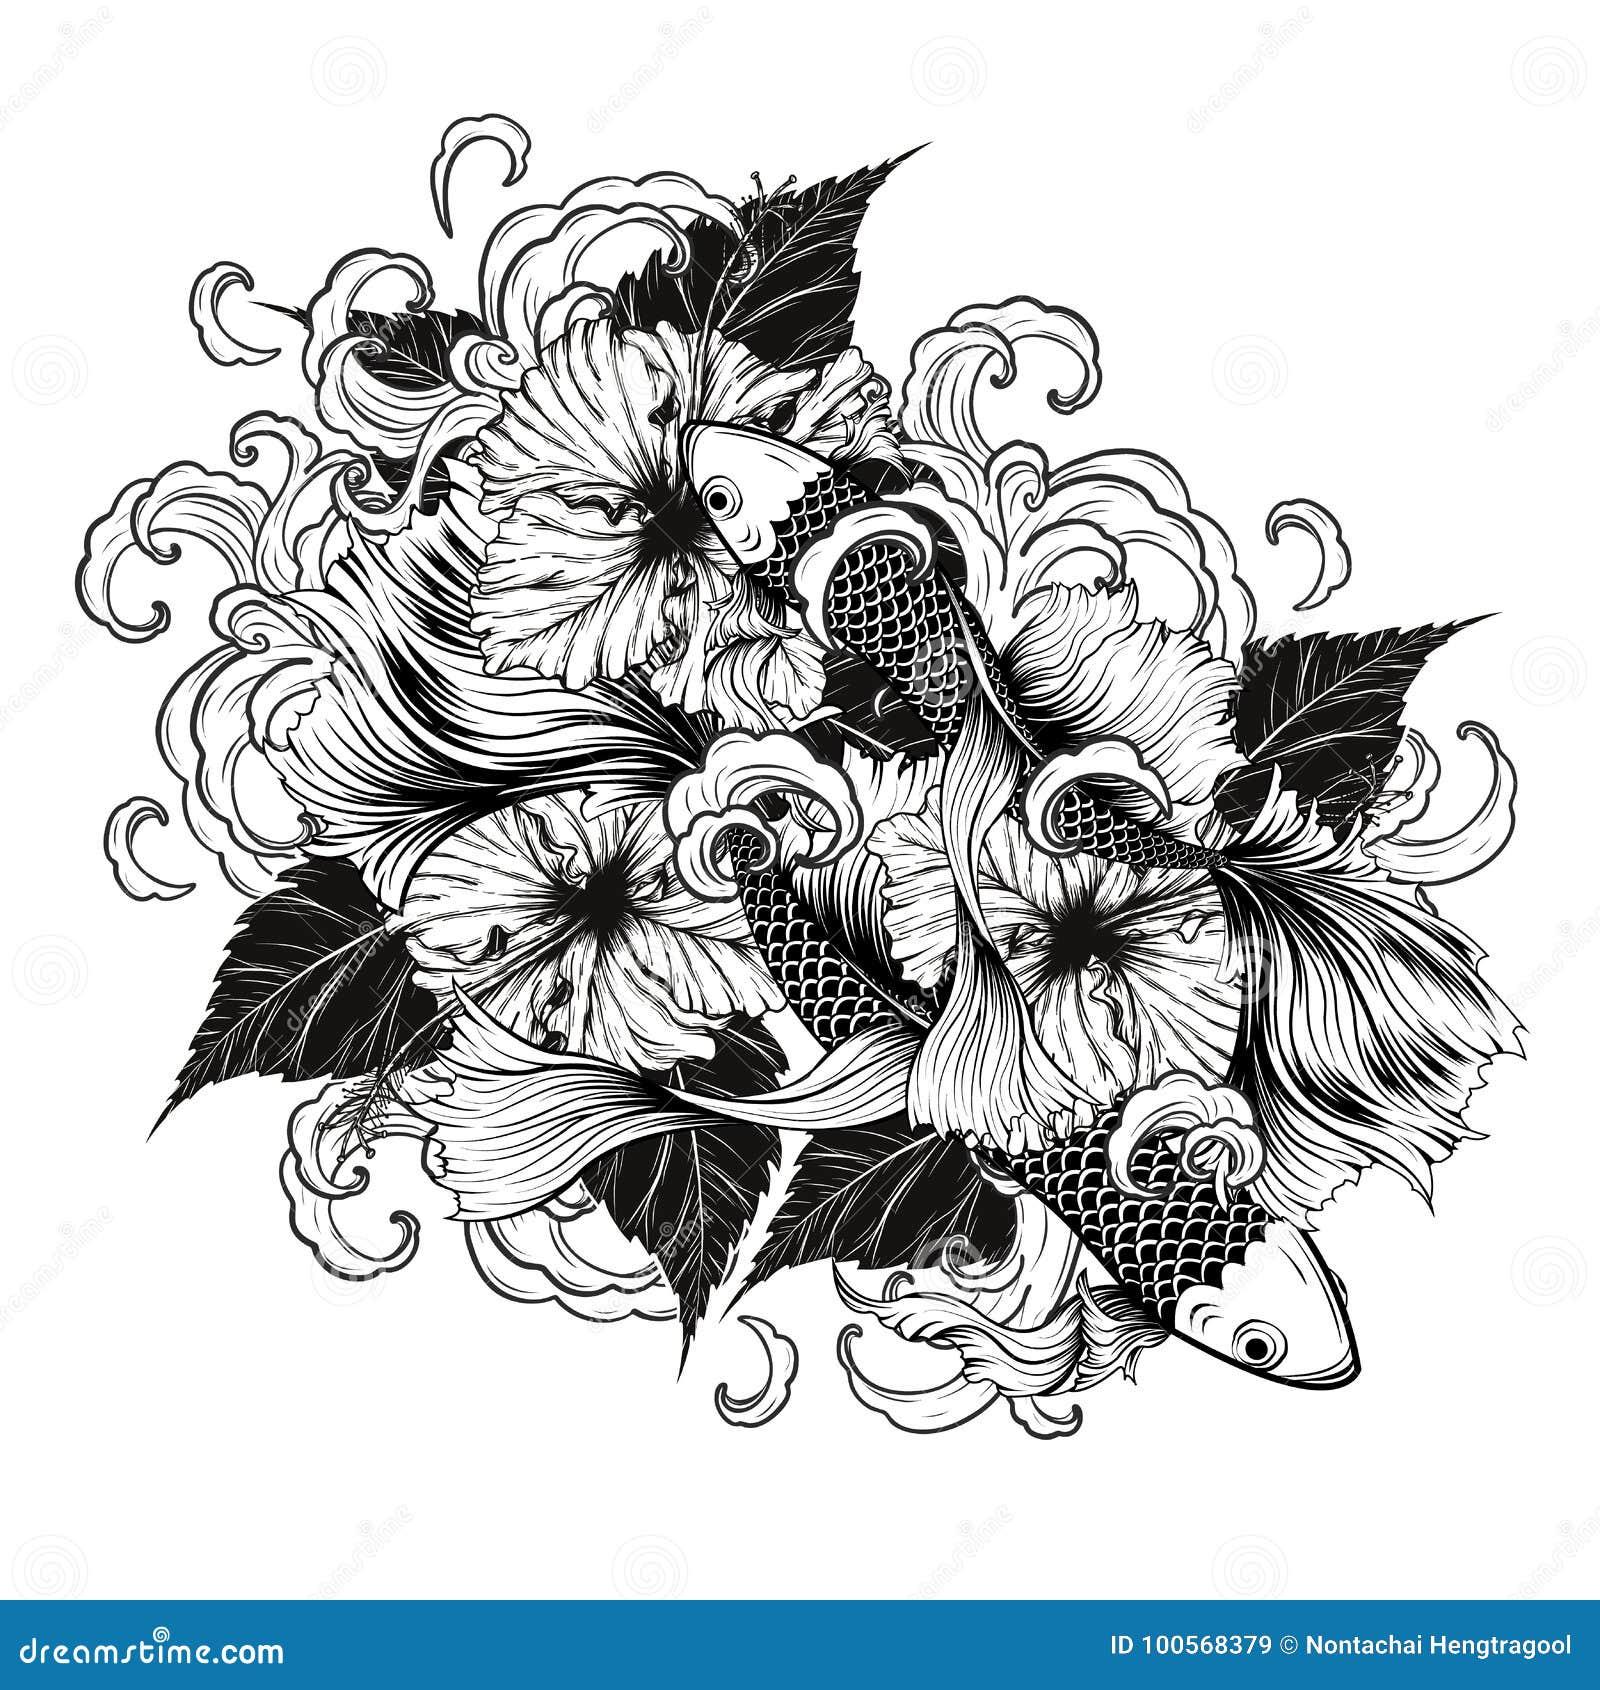 Koi fish and hibiscus tattoo by hand drawing stock vector download koi fish and hibiscus tattoo by hand drawing stock vector illustration of culture izmirmasajfo